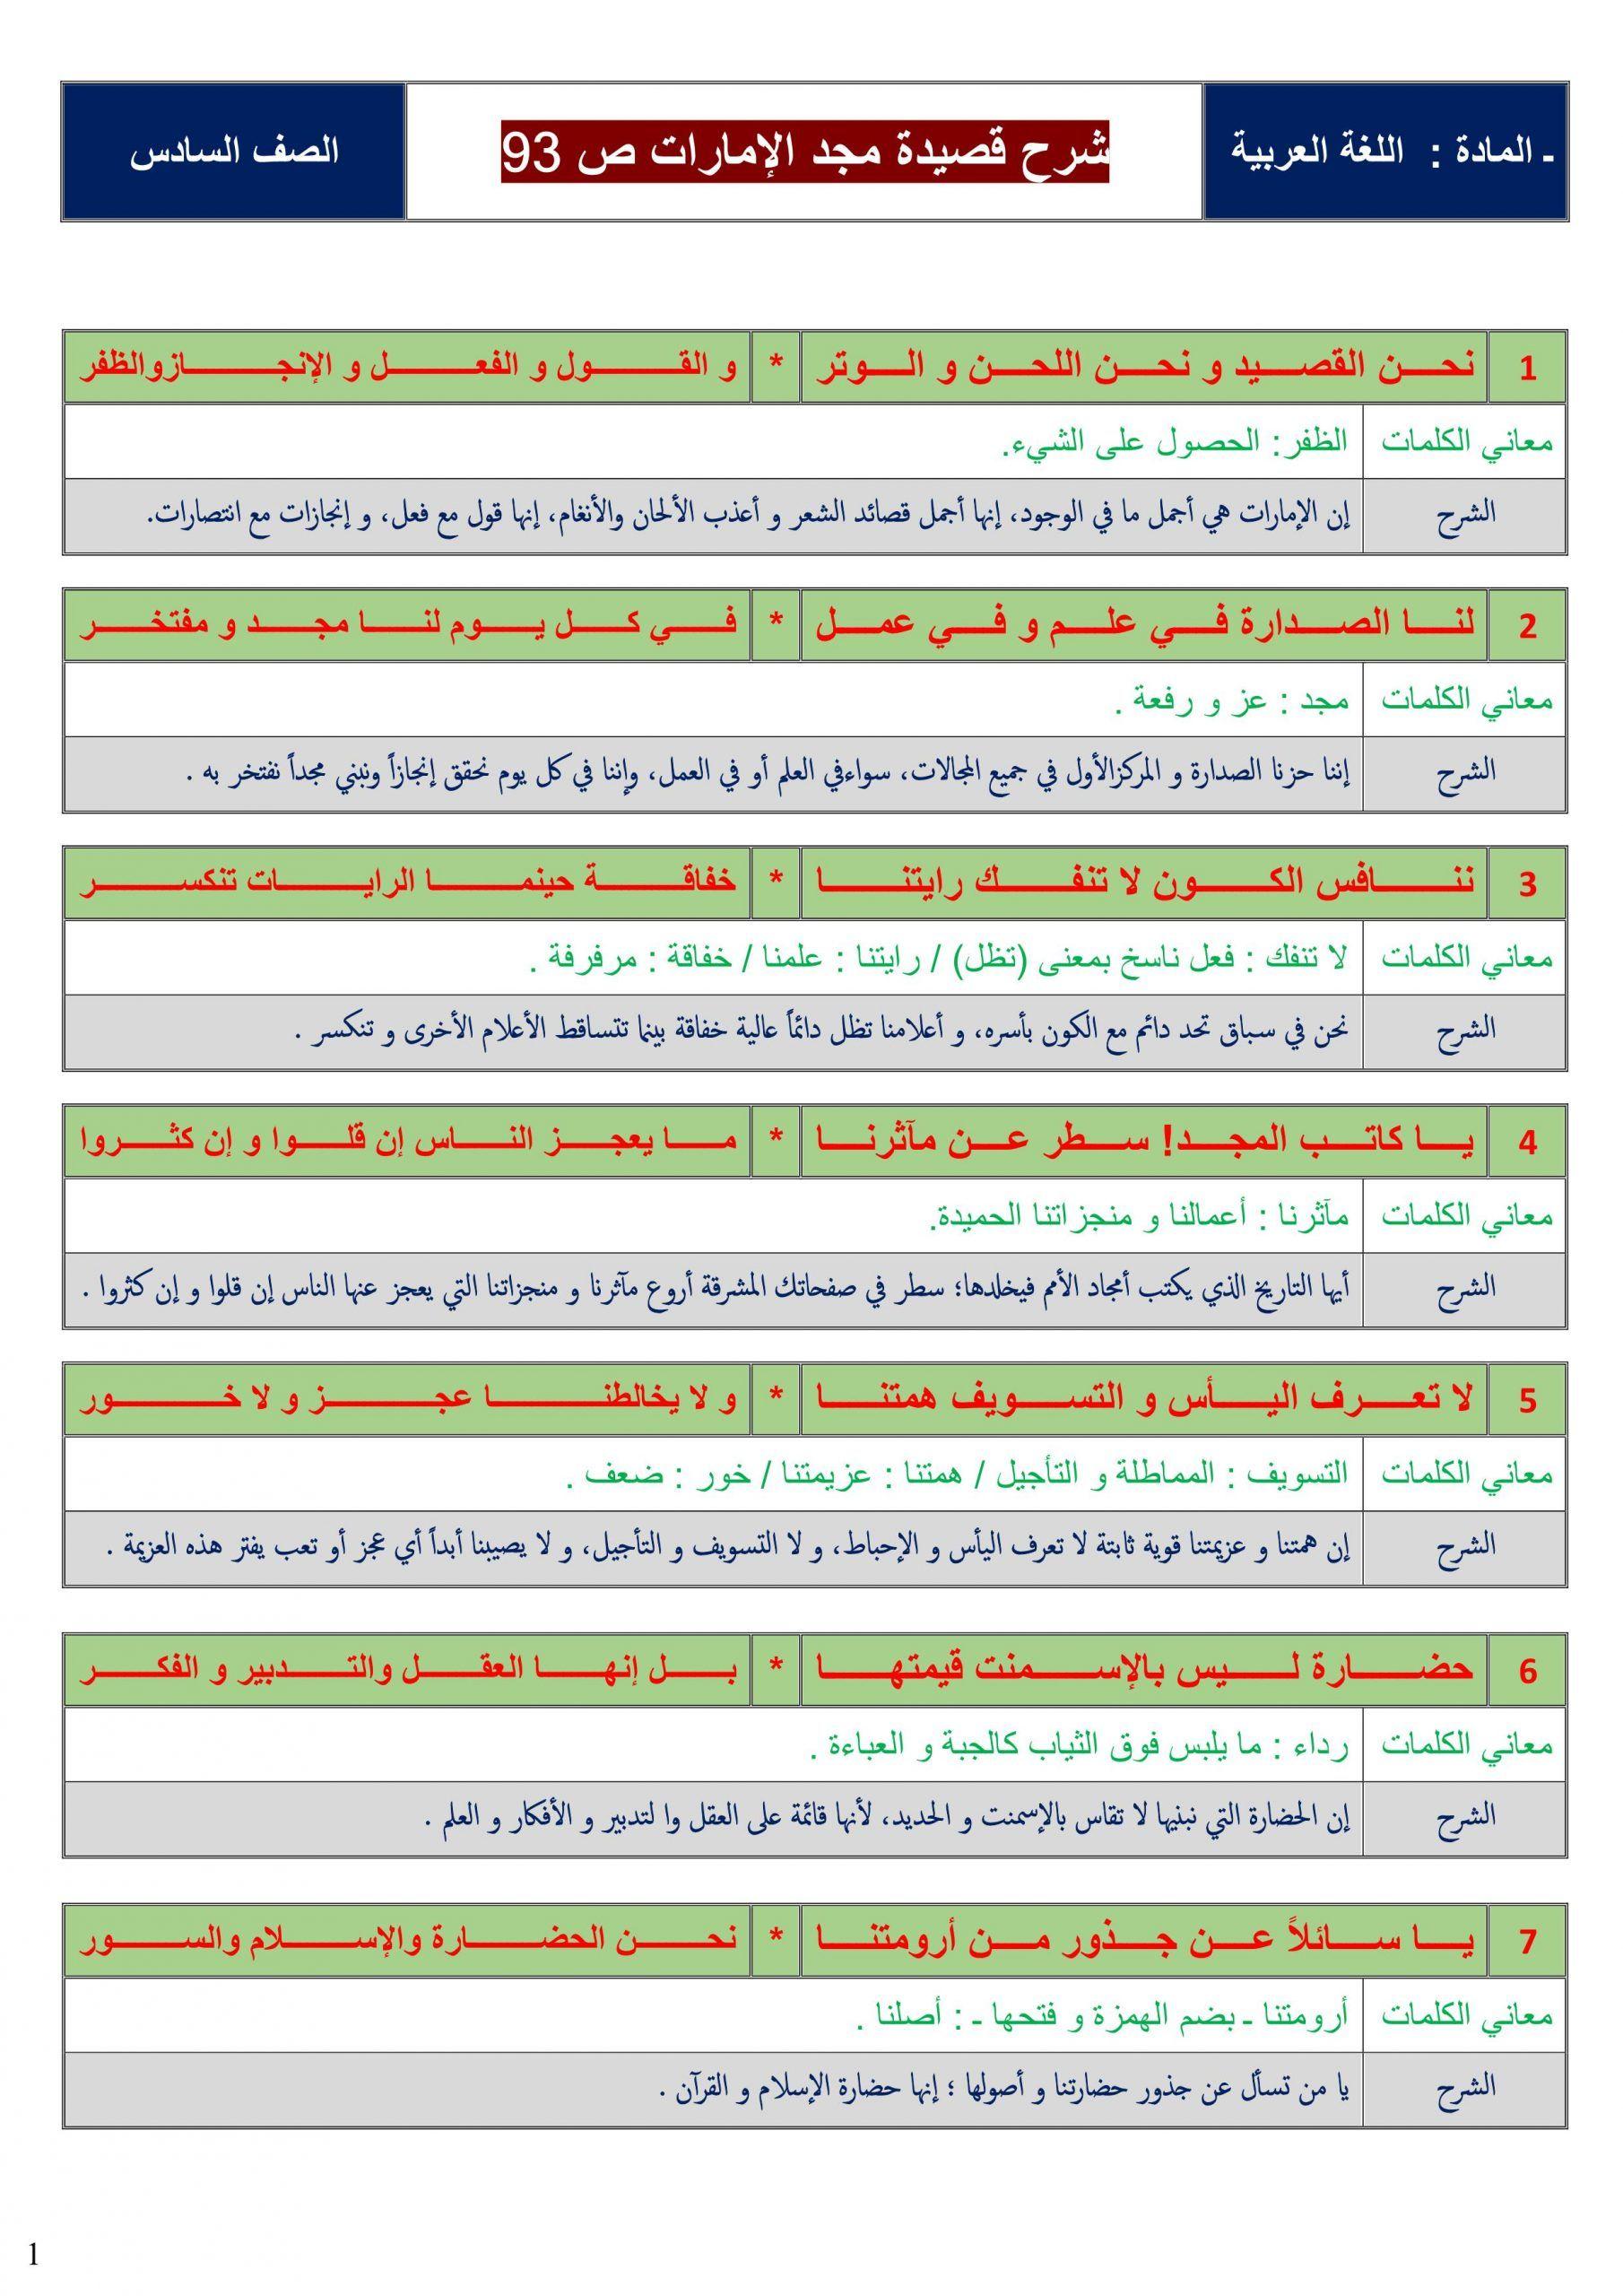 شرح درس قصيدة مجد الامارات للصف السادس مادة اللغة العربية